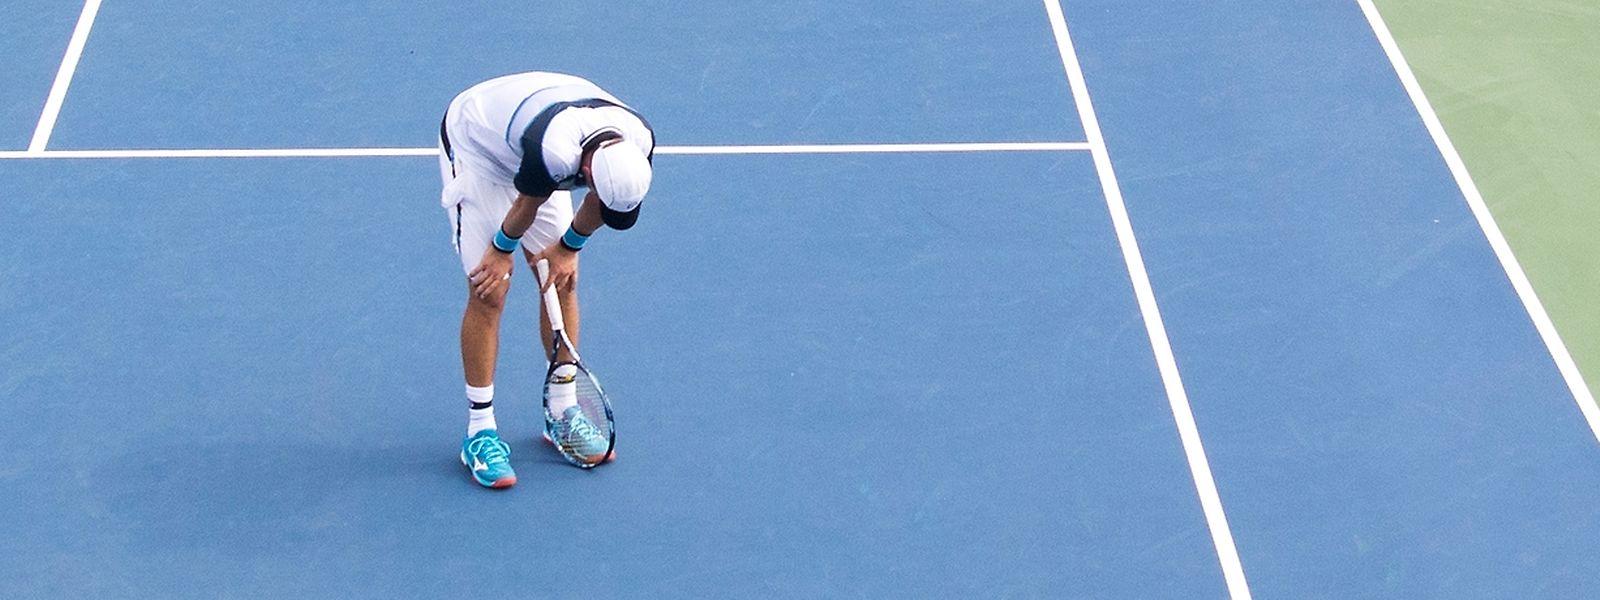 Gilles Muller lieferte seinem Gegner in seinem letzten Spiel einen großen Kampf.